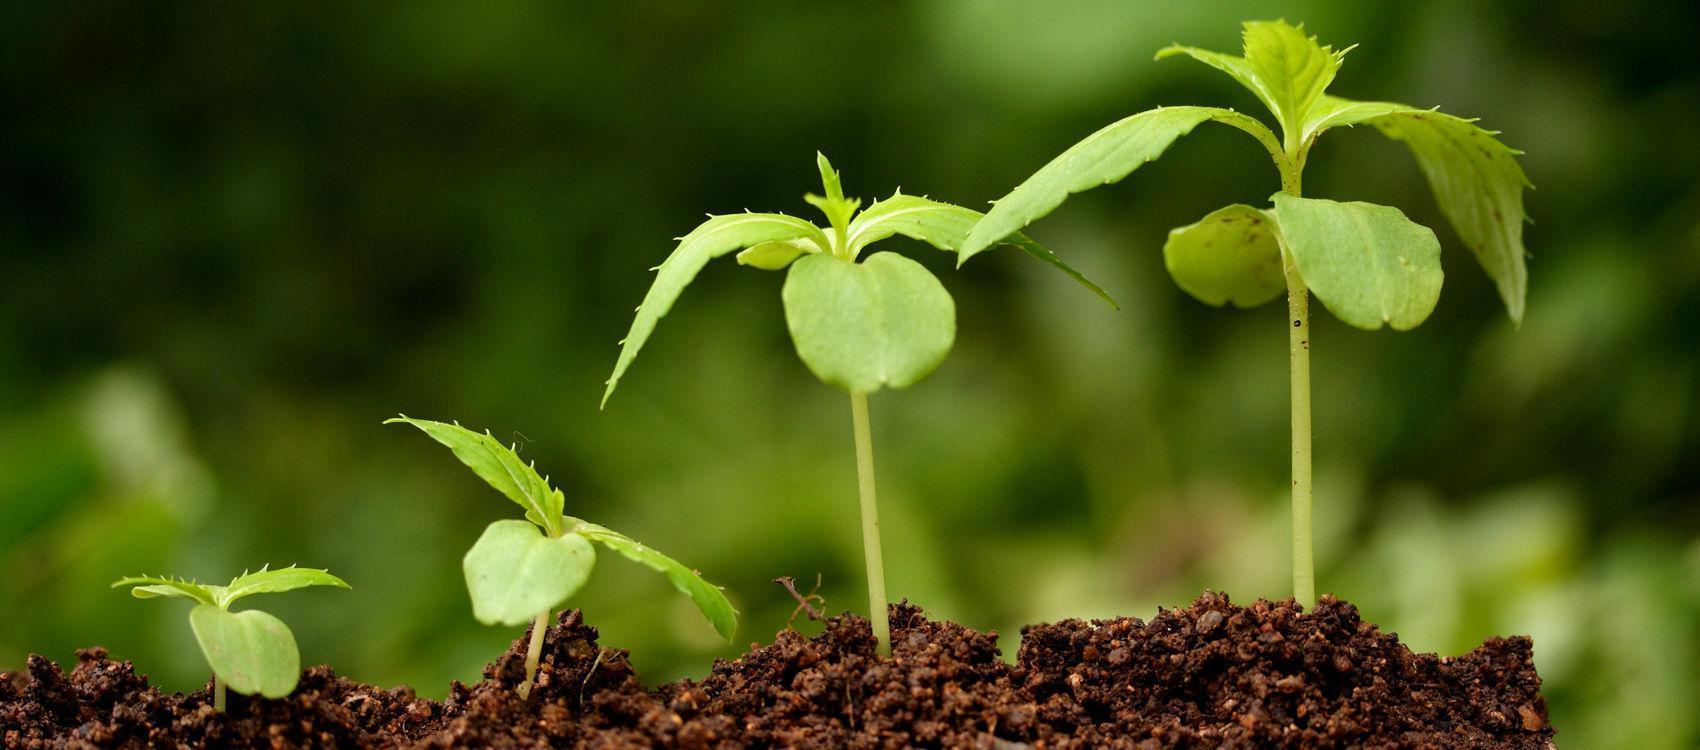 Как ускорить рост растений в домашних условиях